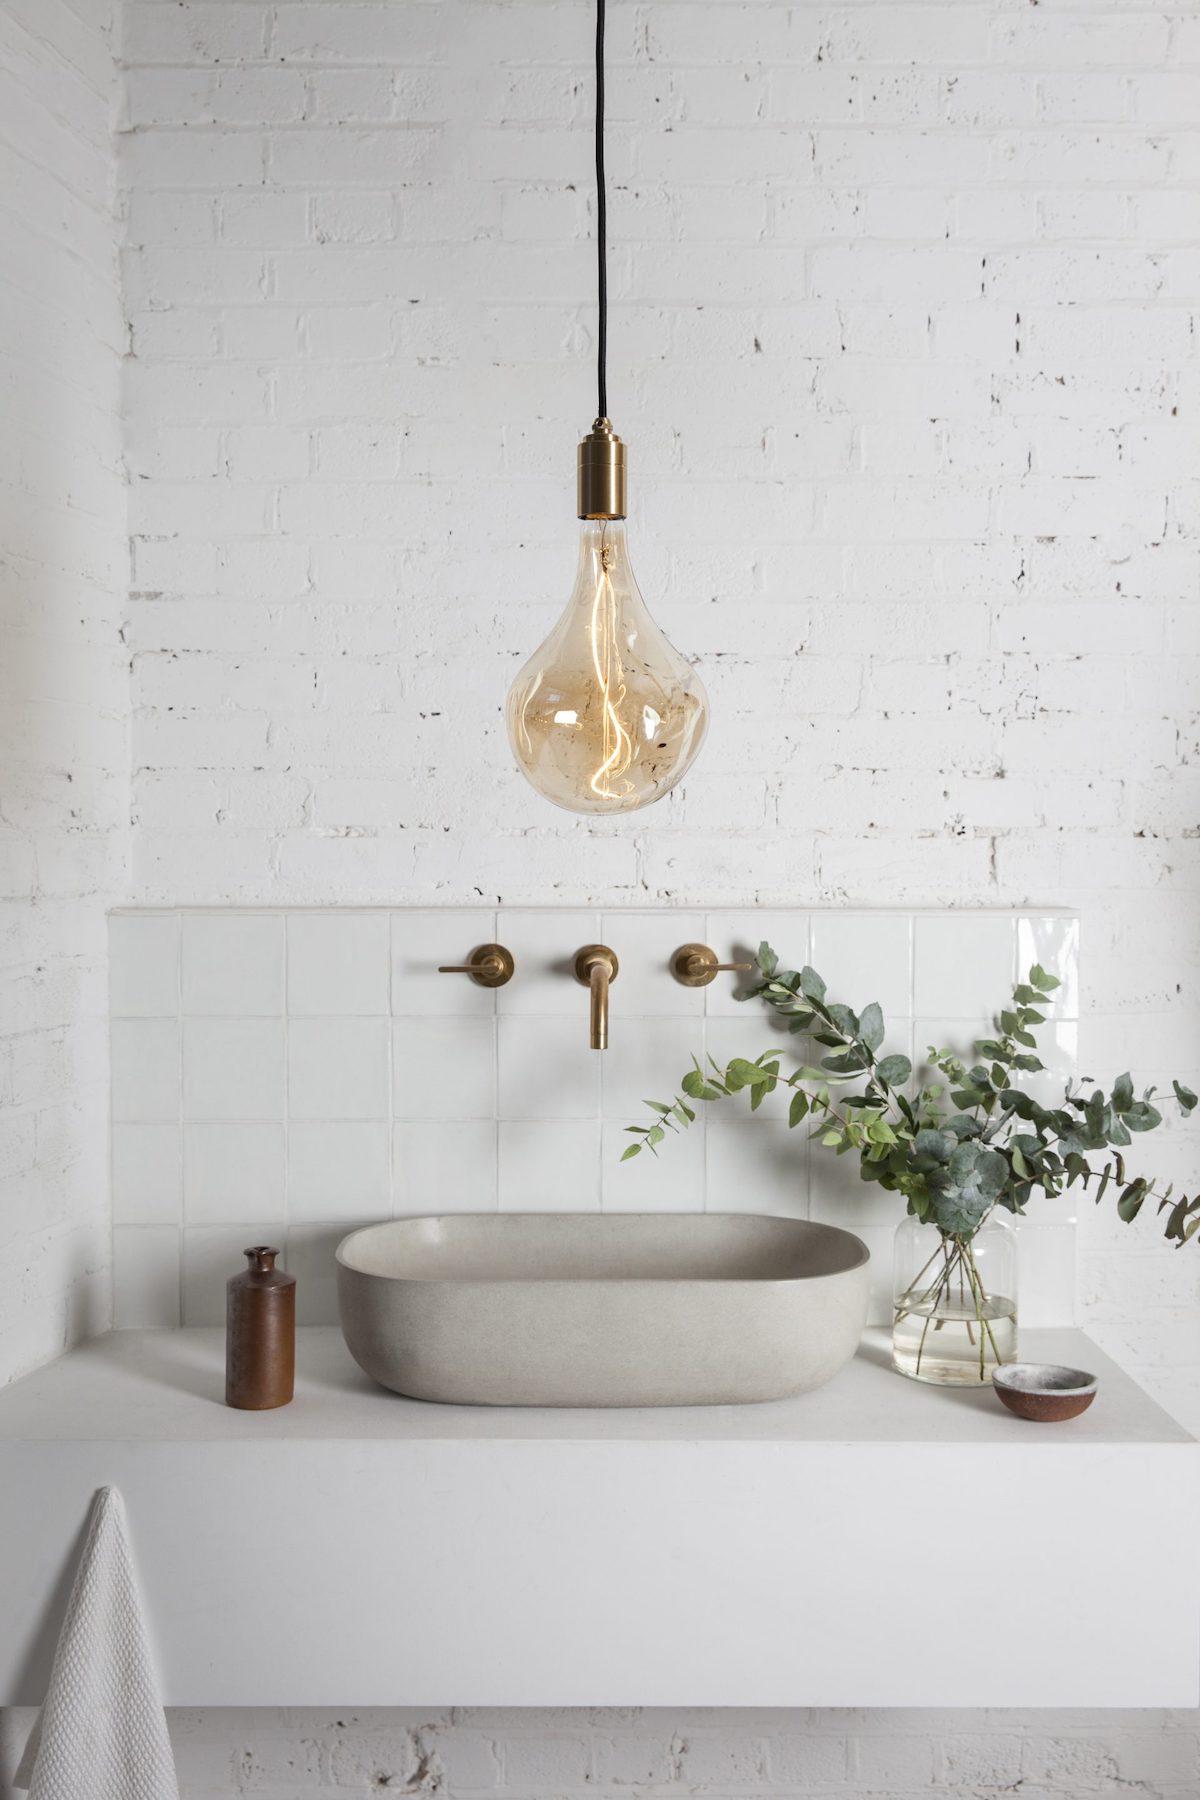 salle de bain mur en brique blanche esprit champêtre végétal